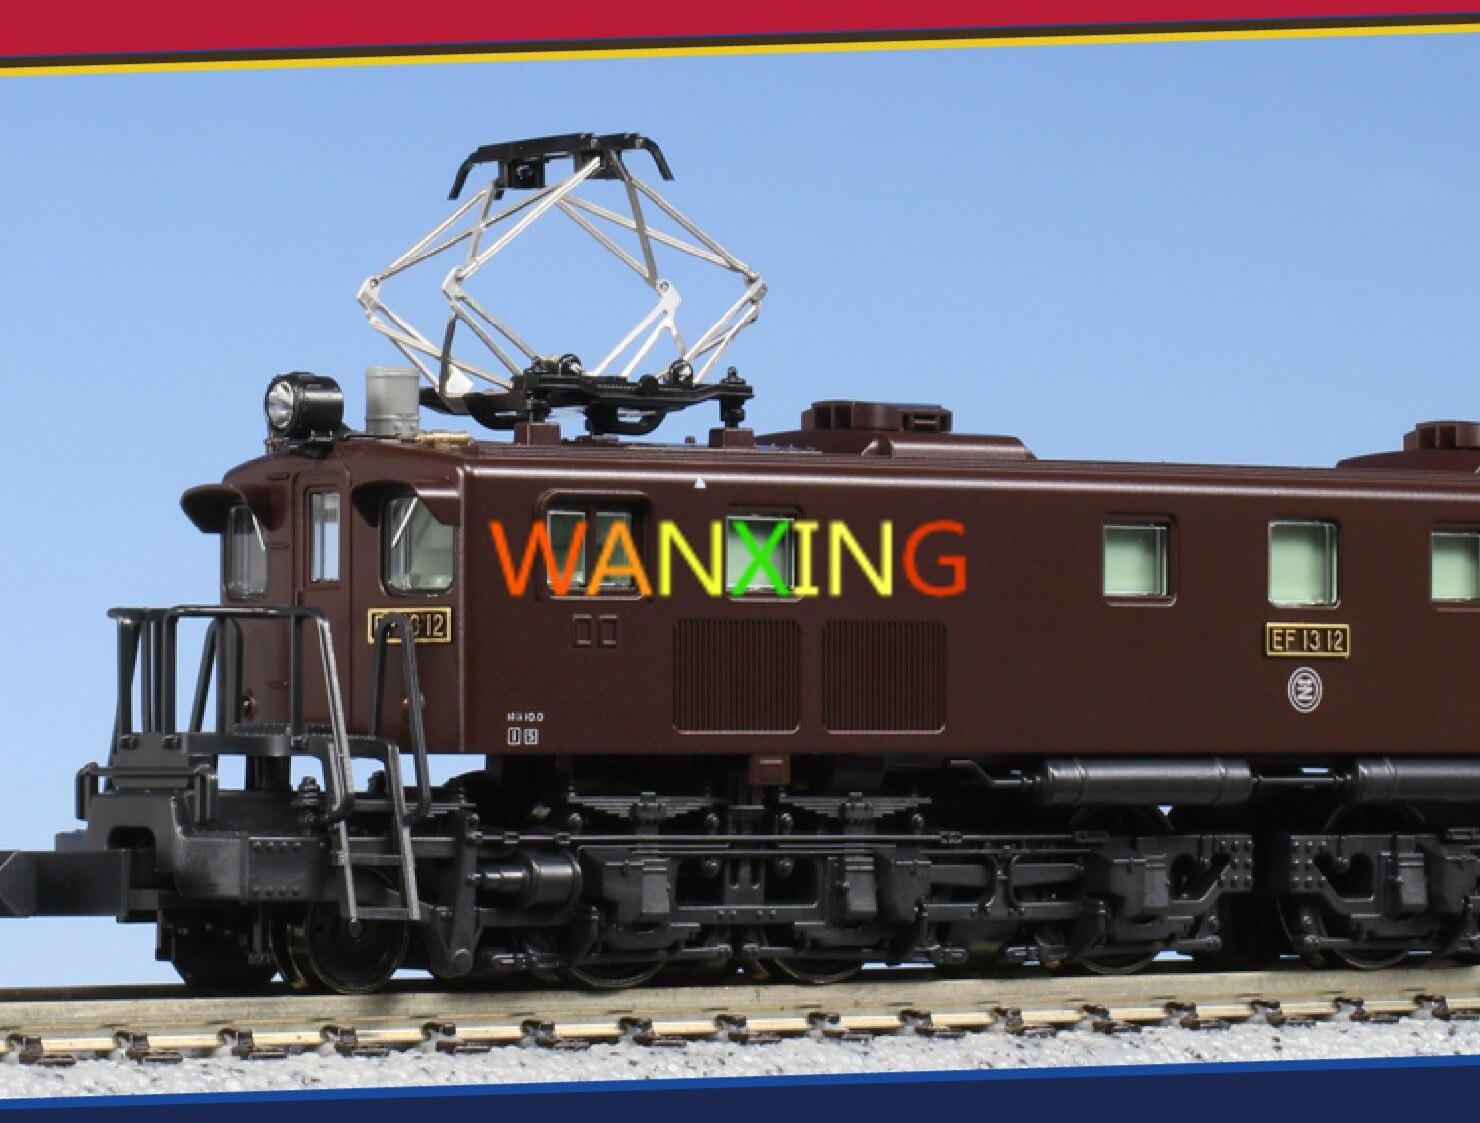 N modèle de Train proportionnel modèle Locomotive électrique EF1312 voiture jouets pour enfants livraison gratuite